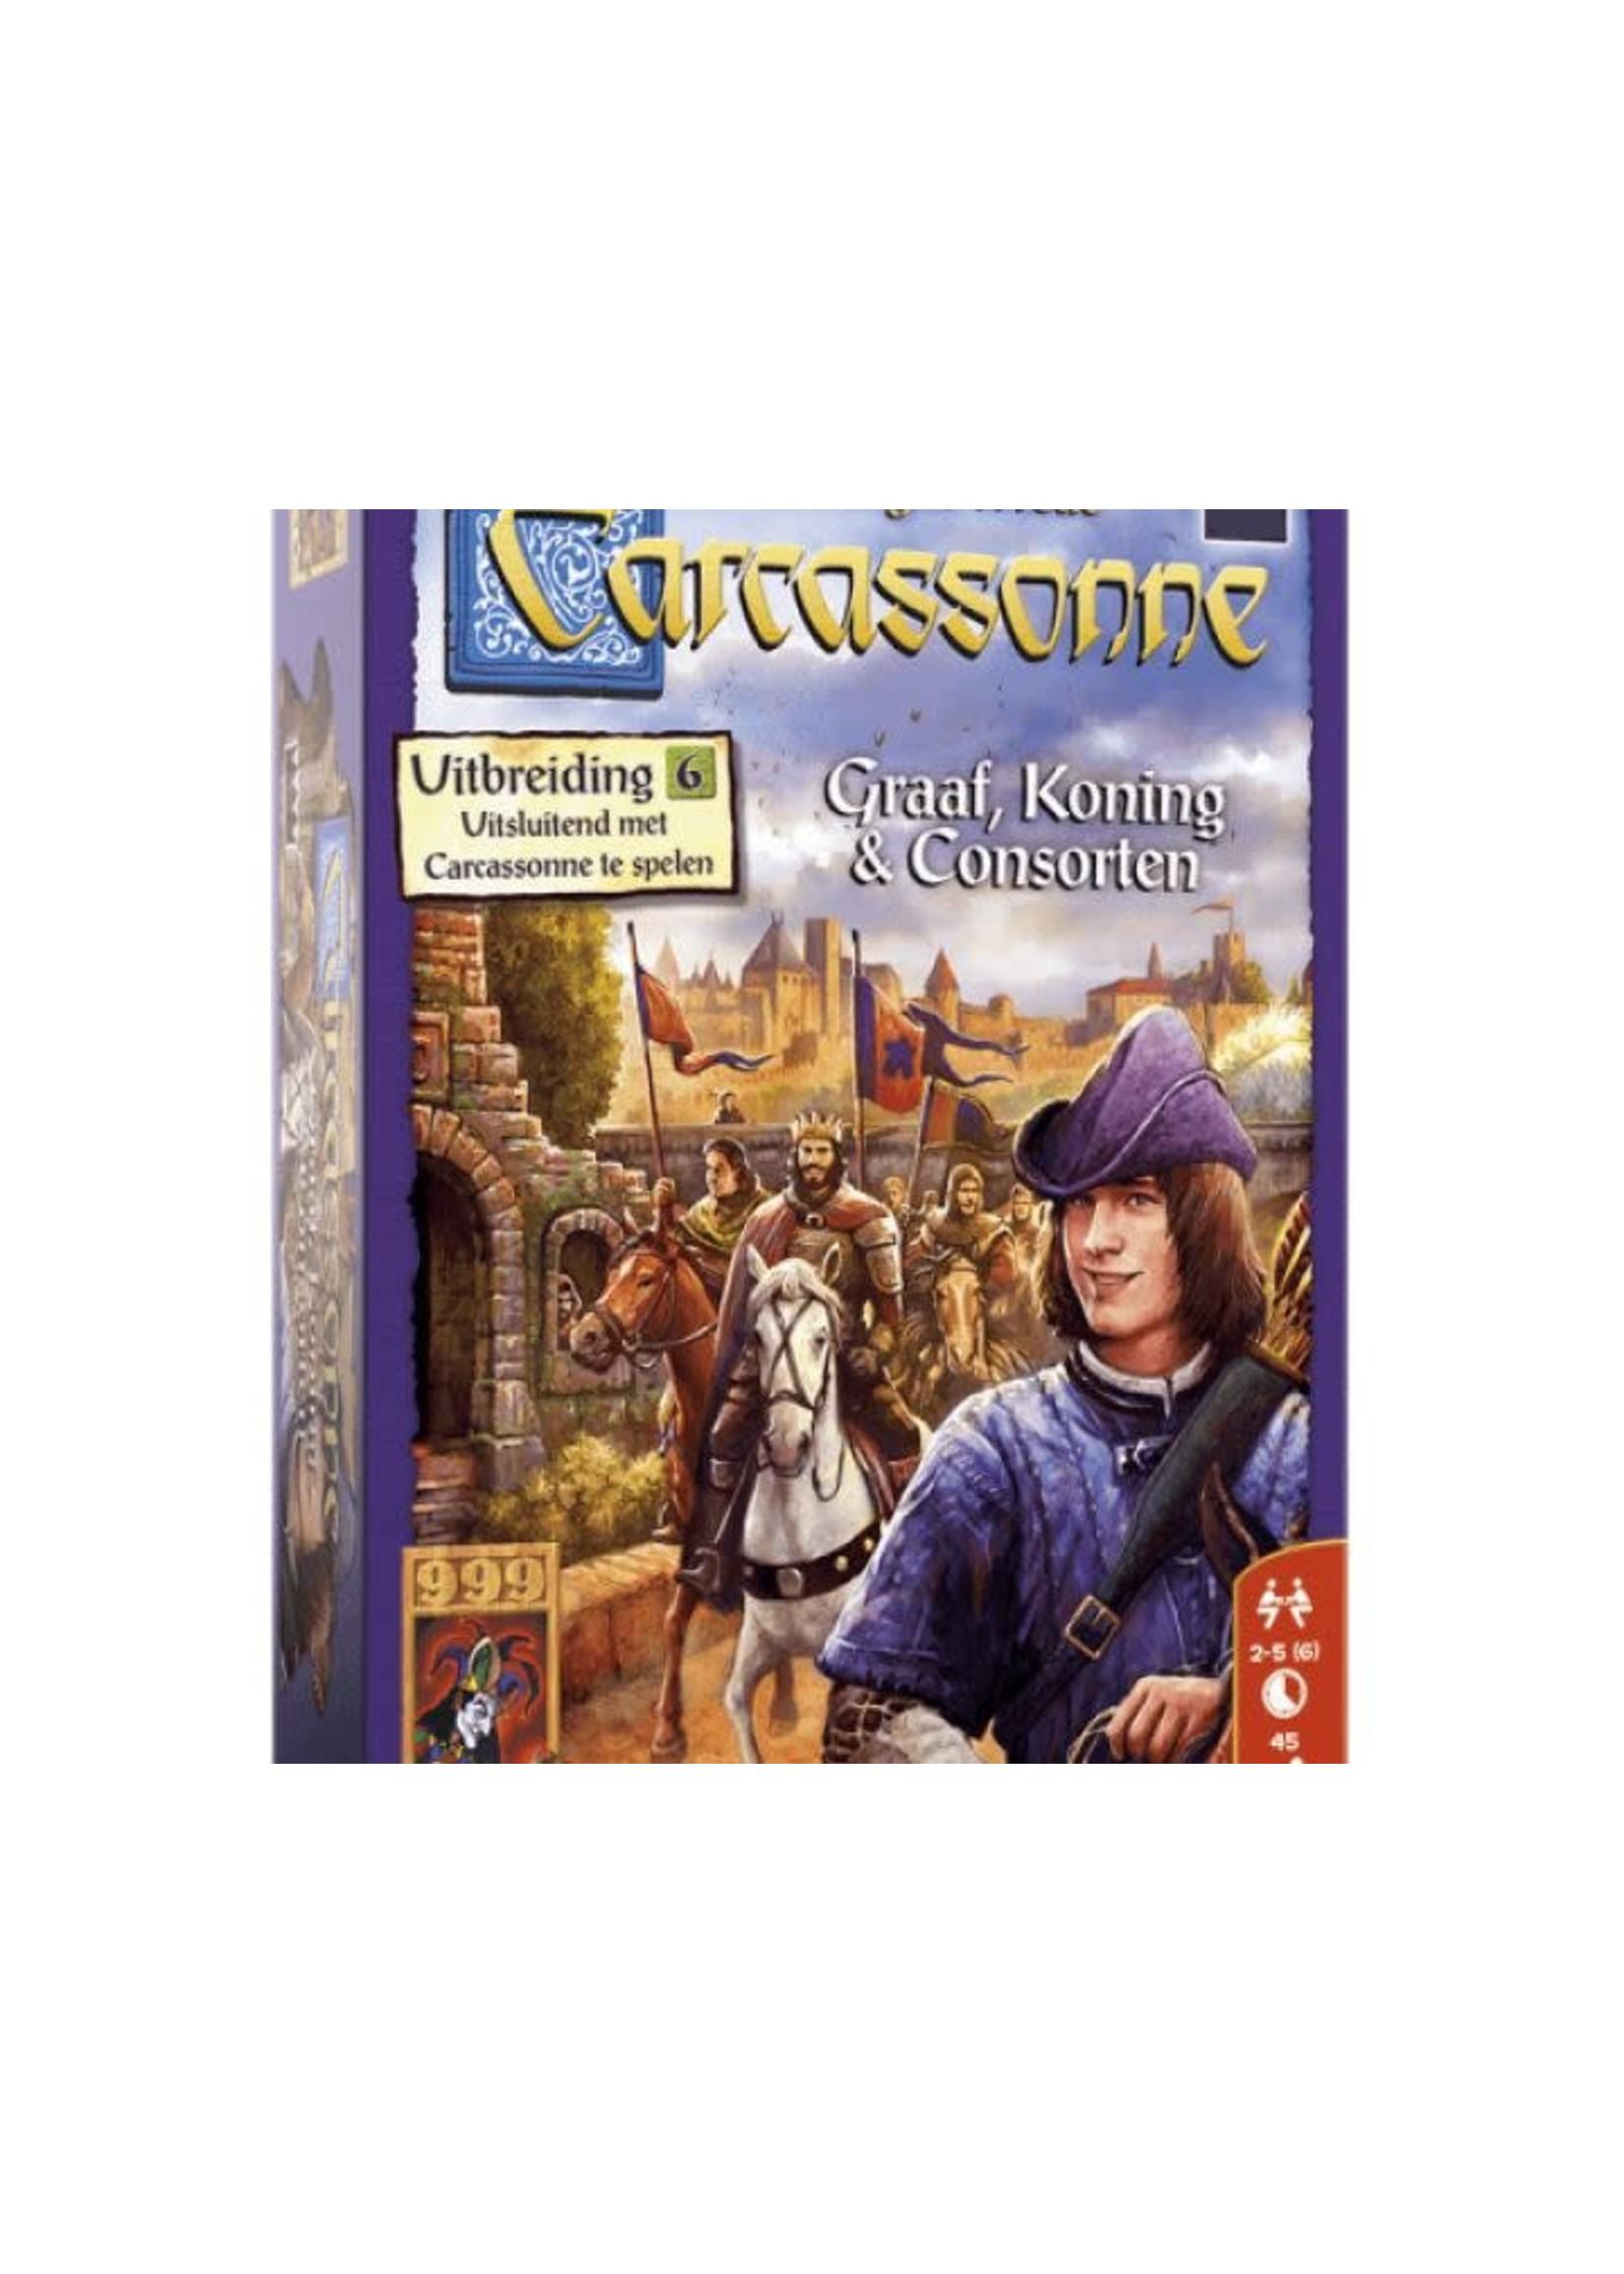 Carcassonne Uitbreiding 6 Graaf, Koning & Consorten